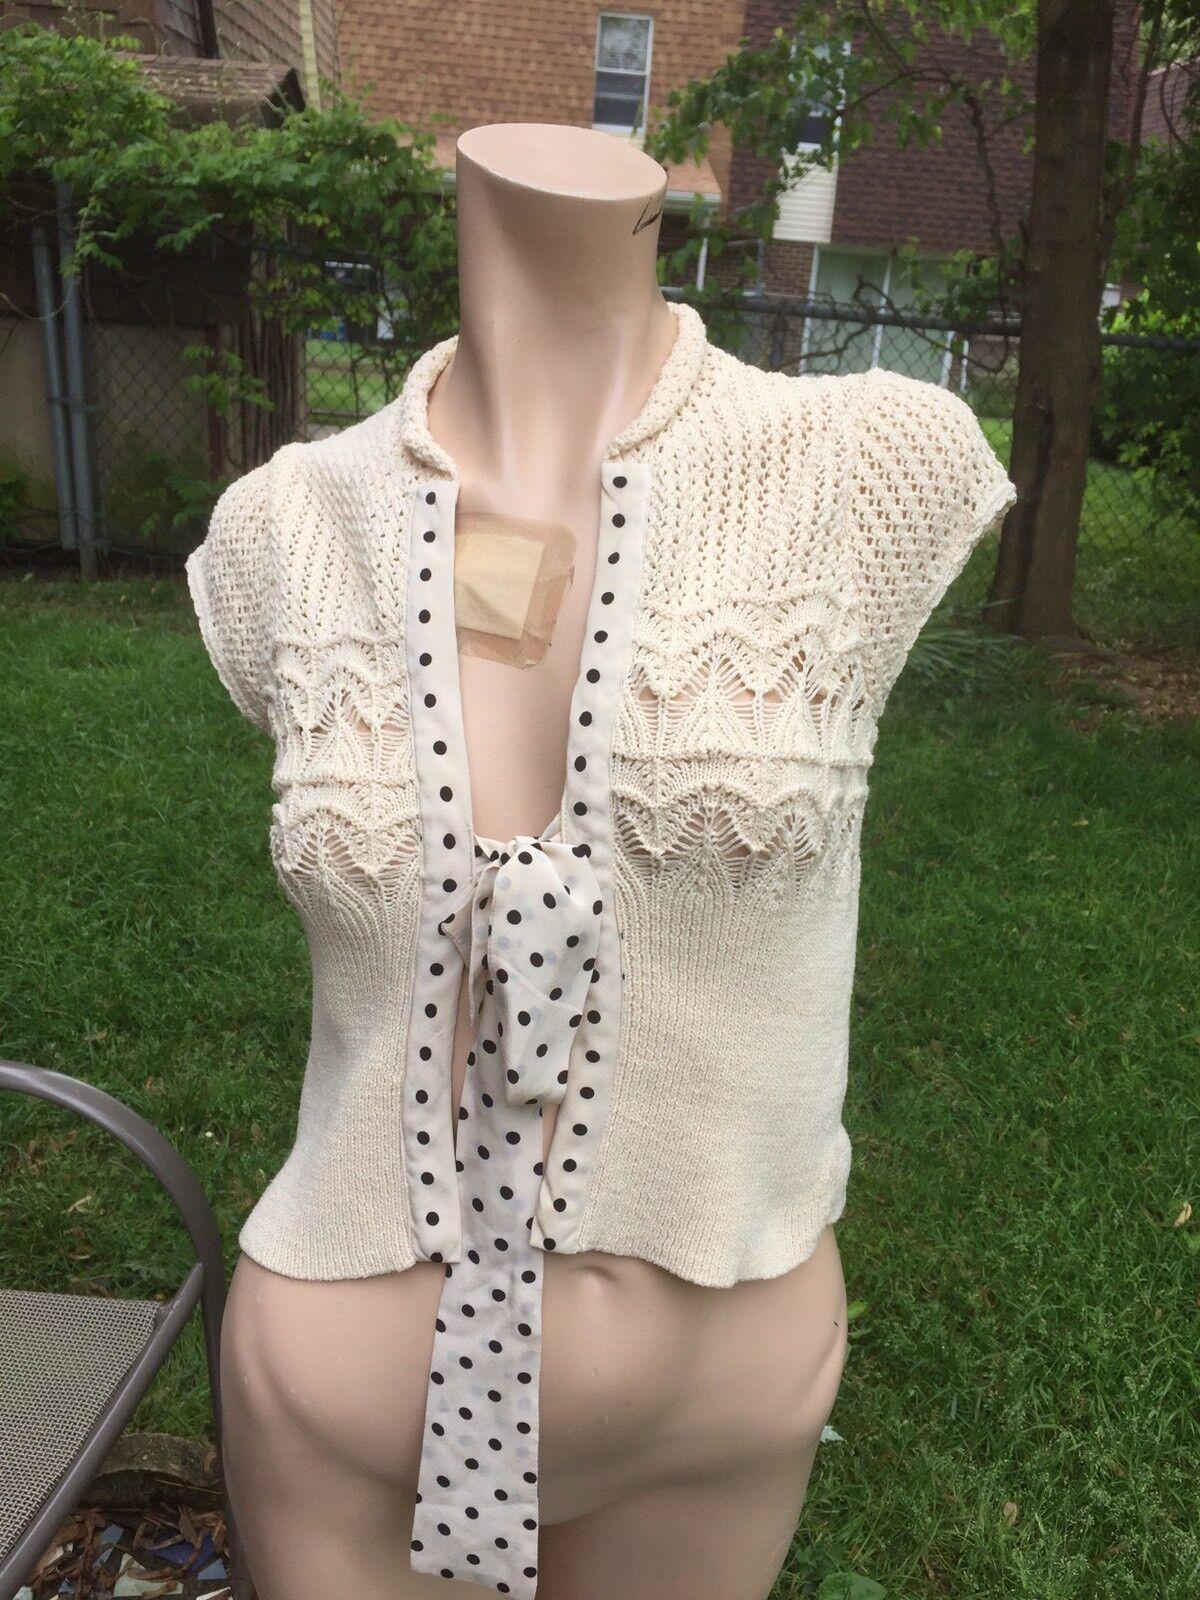 Maeve Ivory Knit Sleeveless sz.S Cardigan Sweater Shrug w silk polka dots trim